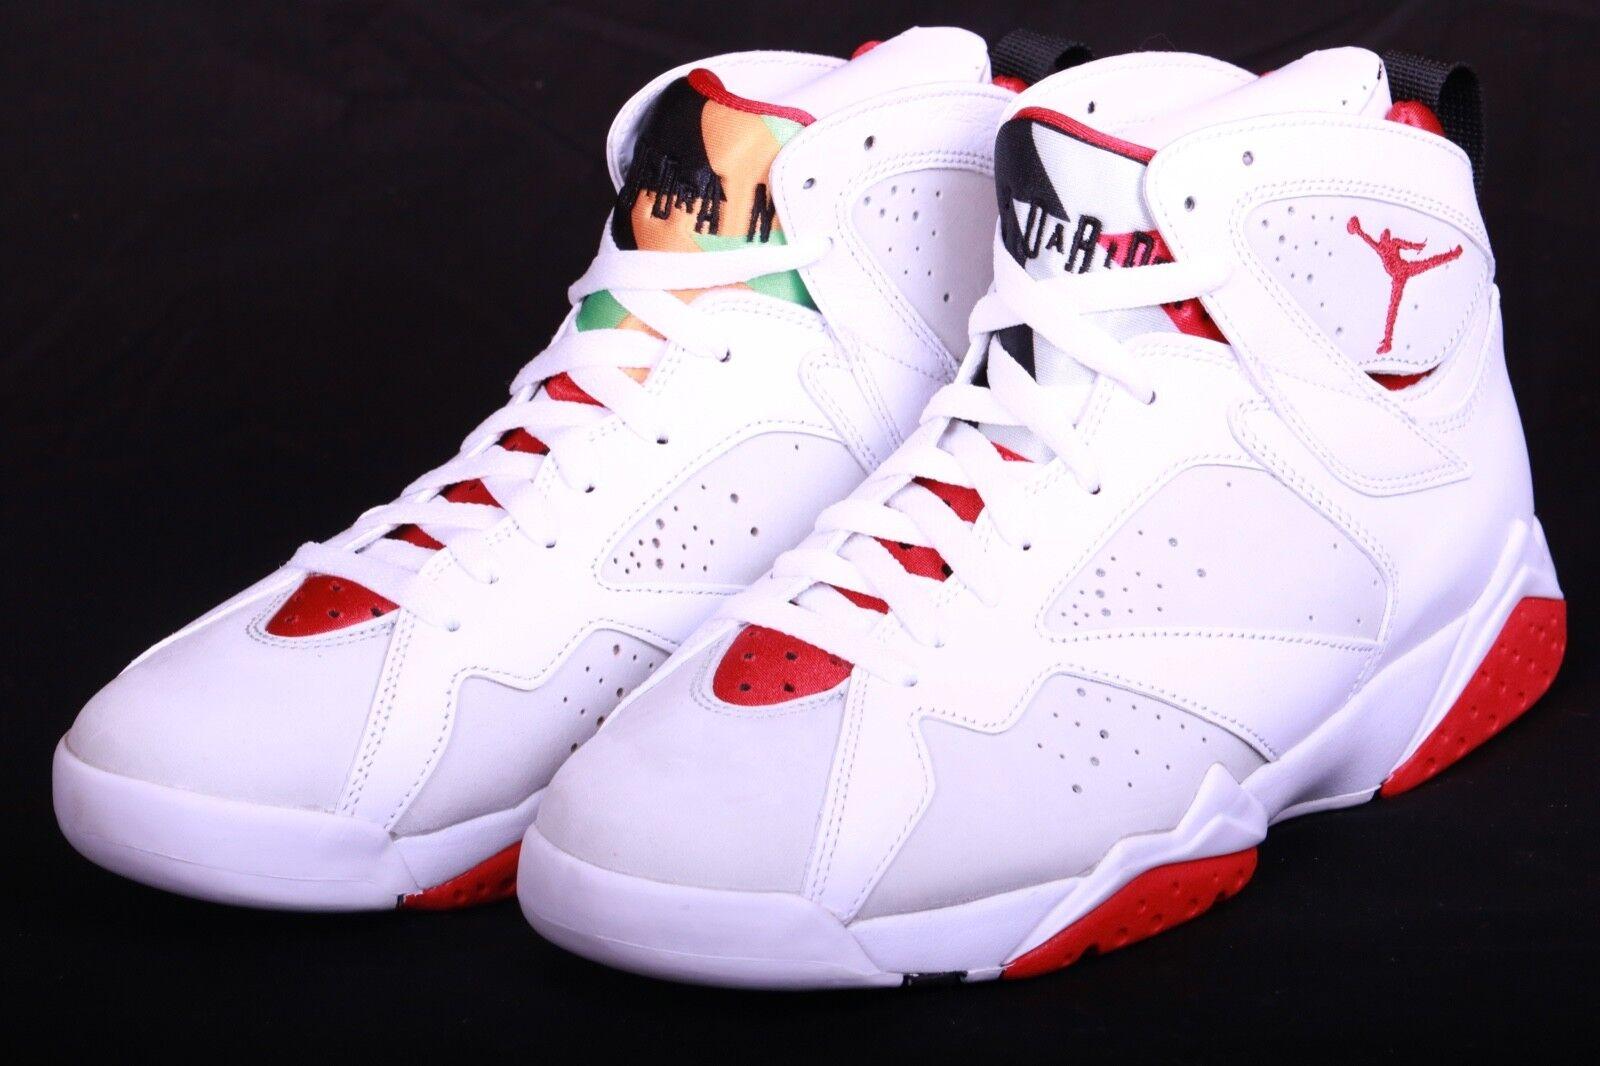 buy popular 73247 db795 Nike Men s Air Jordan VII 7 Retro Hare Bugs Bunny Bunny Bunny 304775 125  Size 8.5